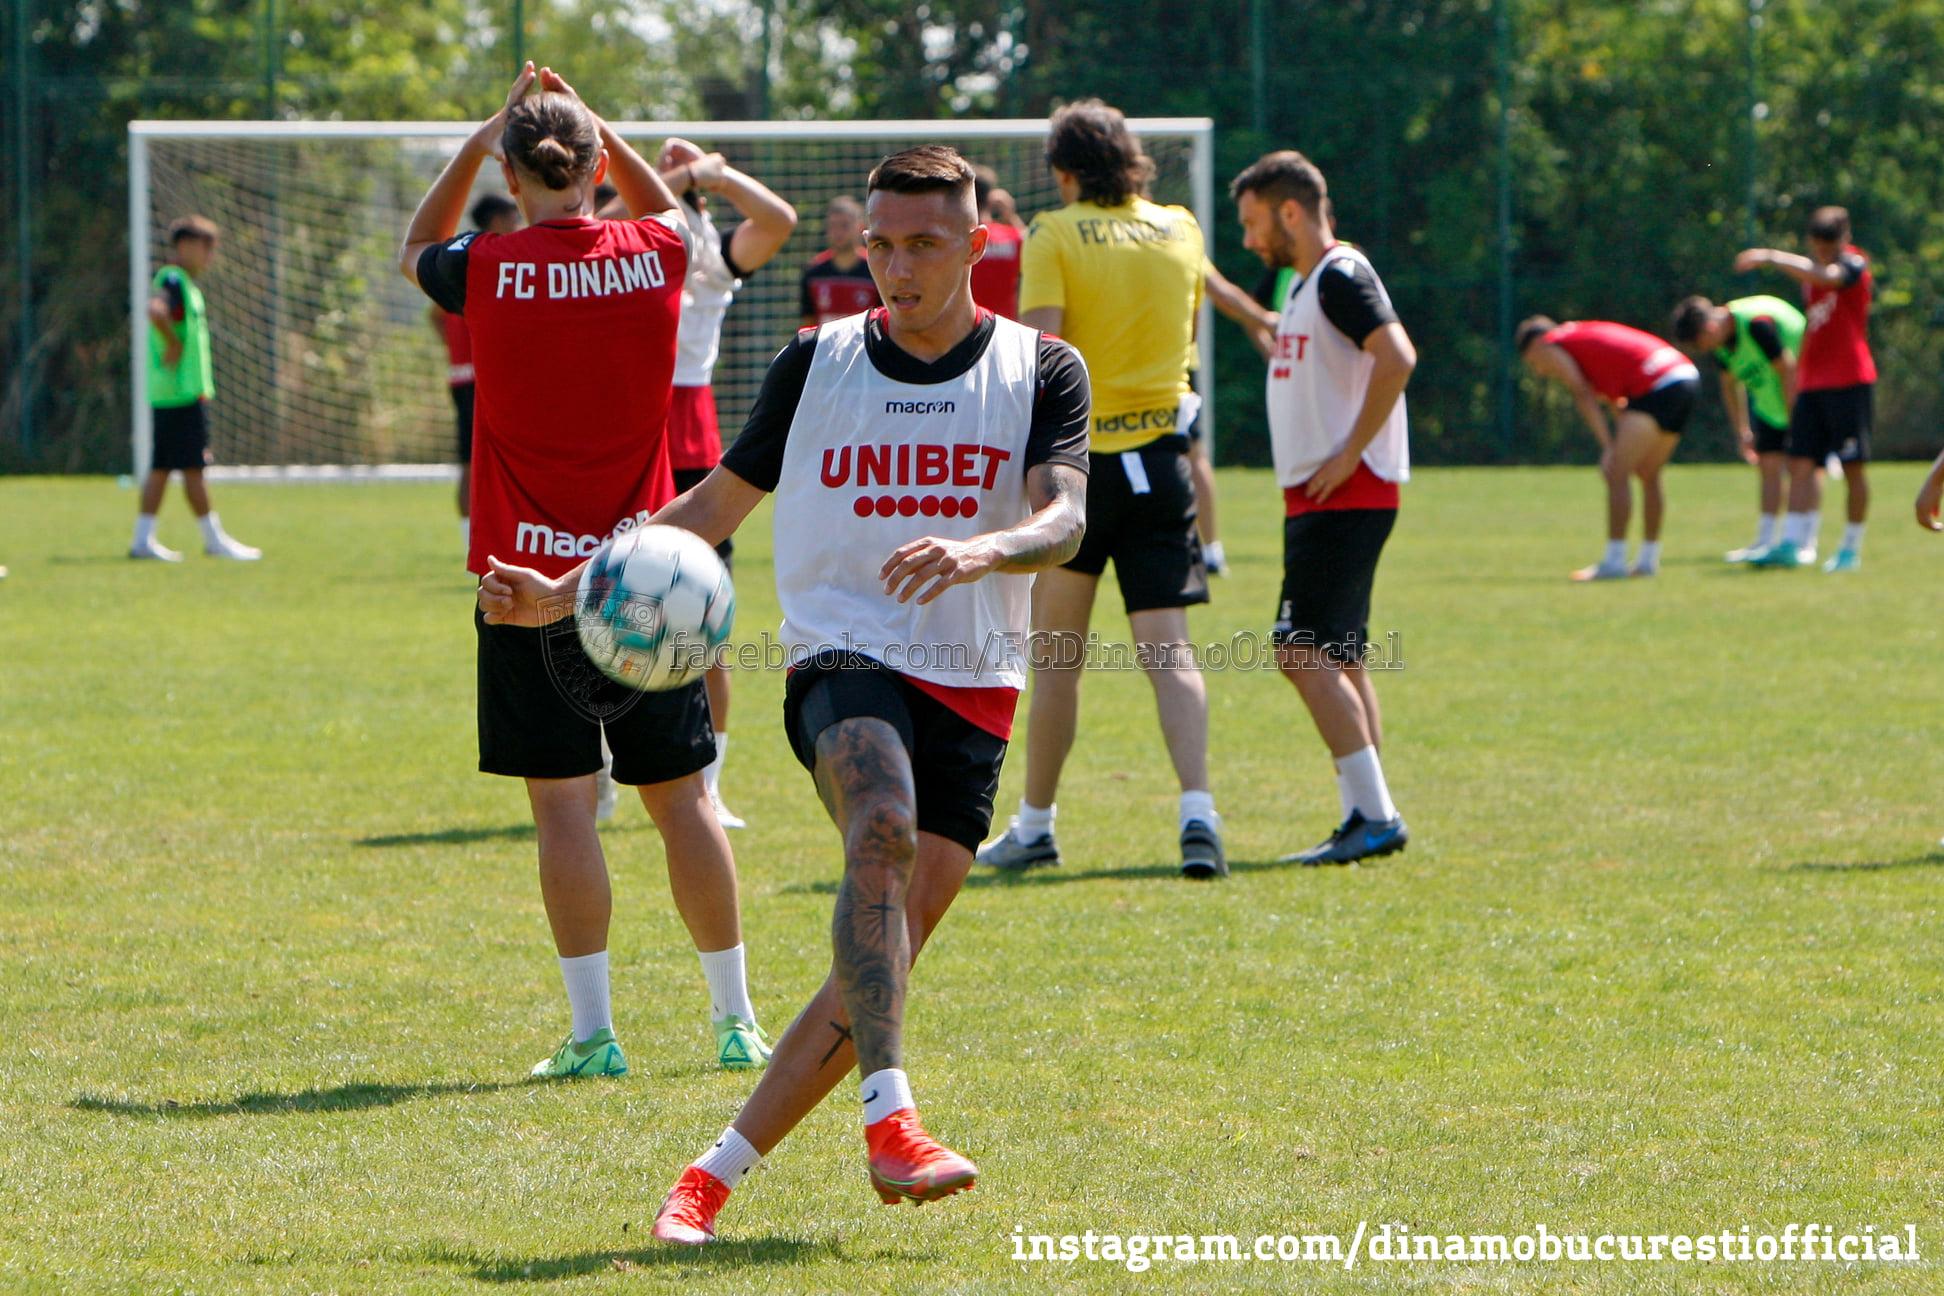 Dinamo – antrenamente, sursa foto: Dinamo/Facebook